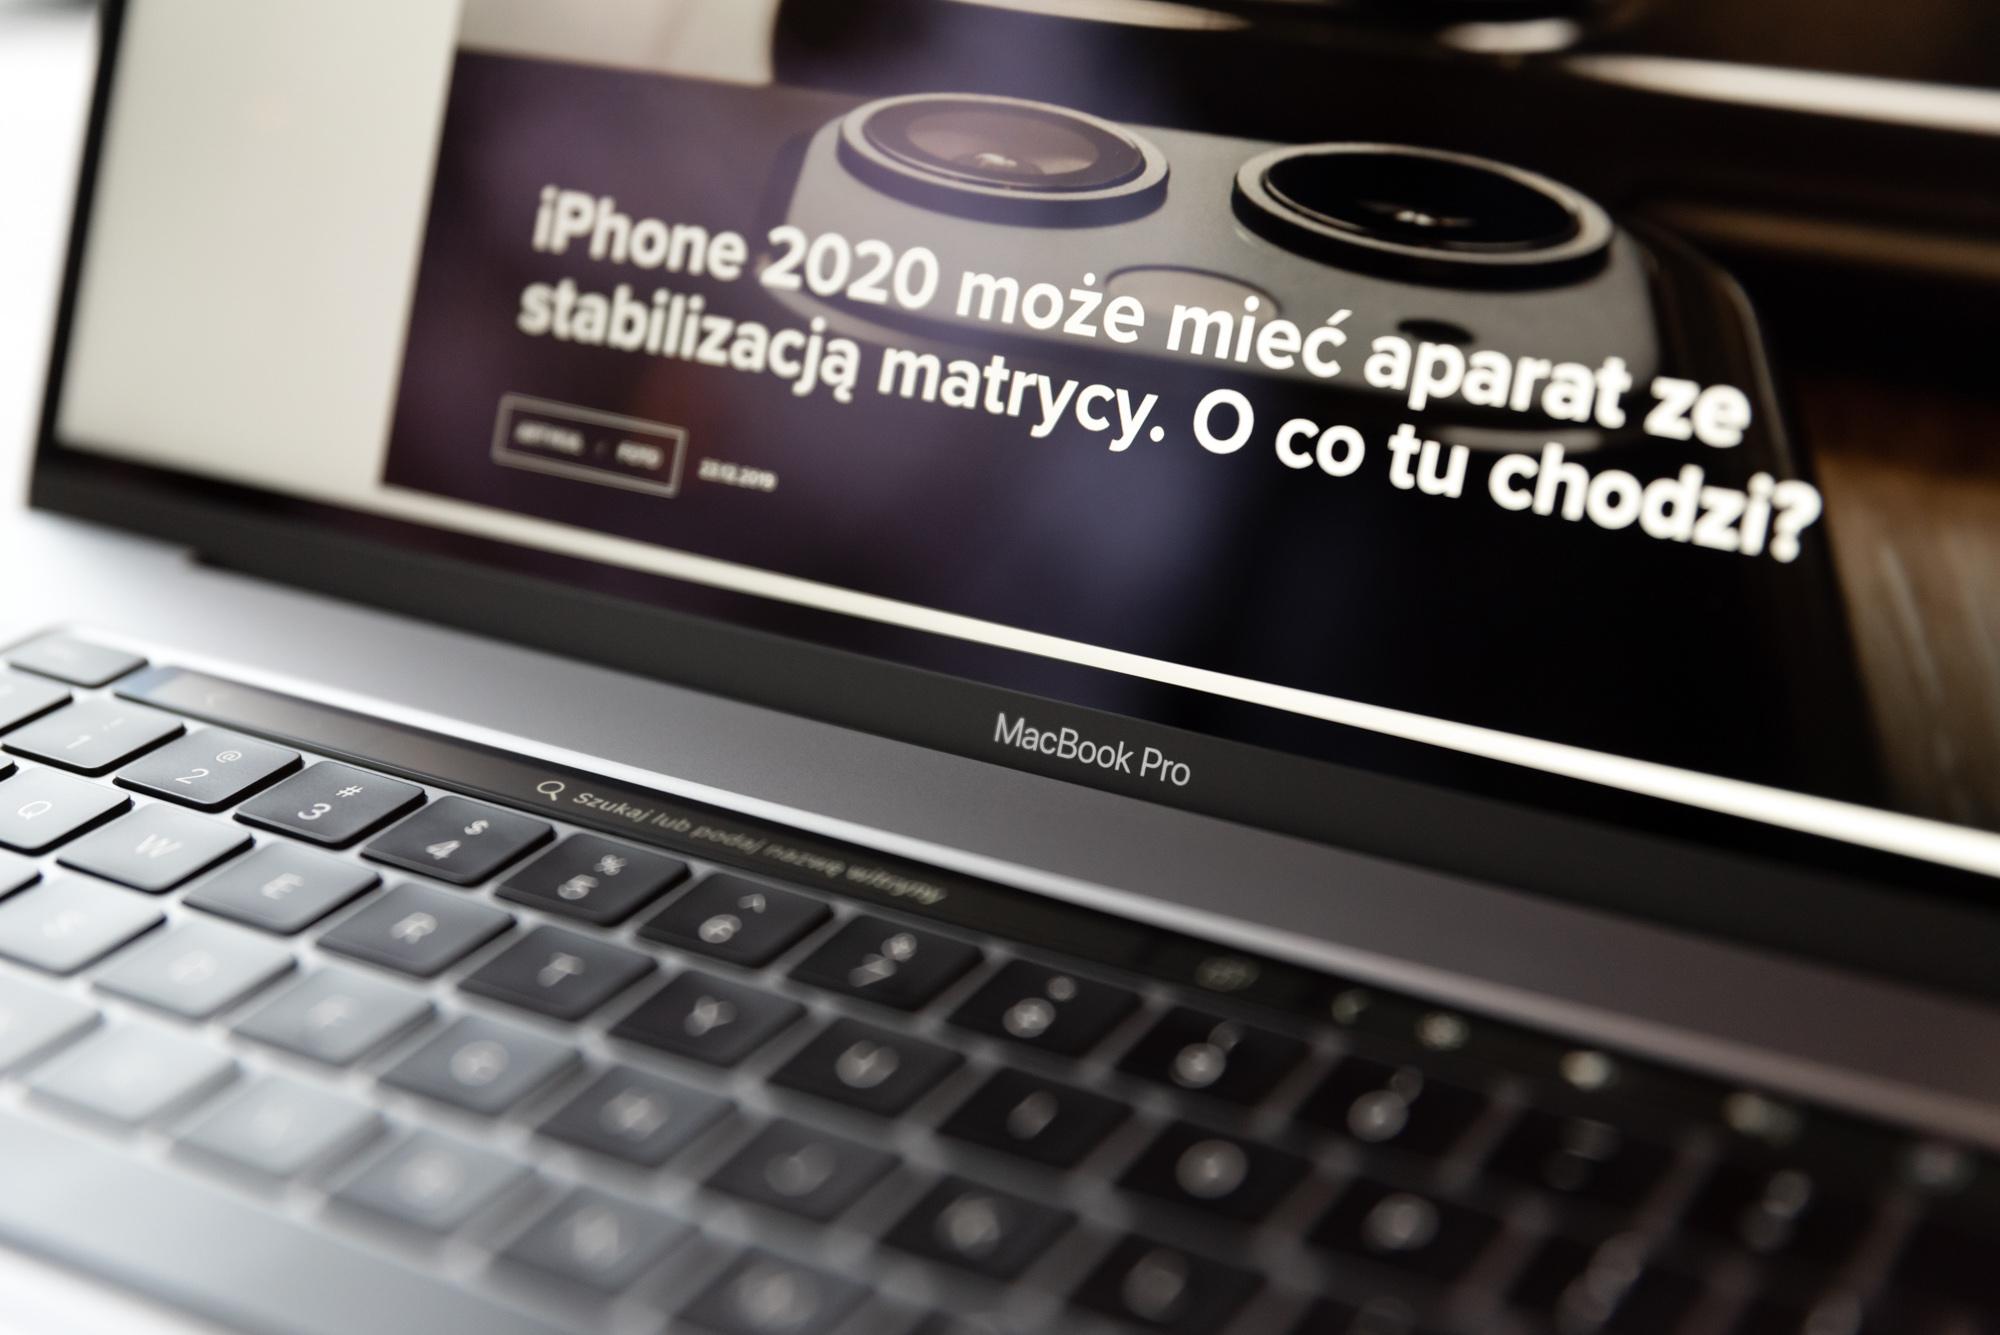 MacBook Pro 16-ek gogorarazi dit ekipamendu ezin hobea ez dagoela